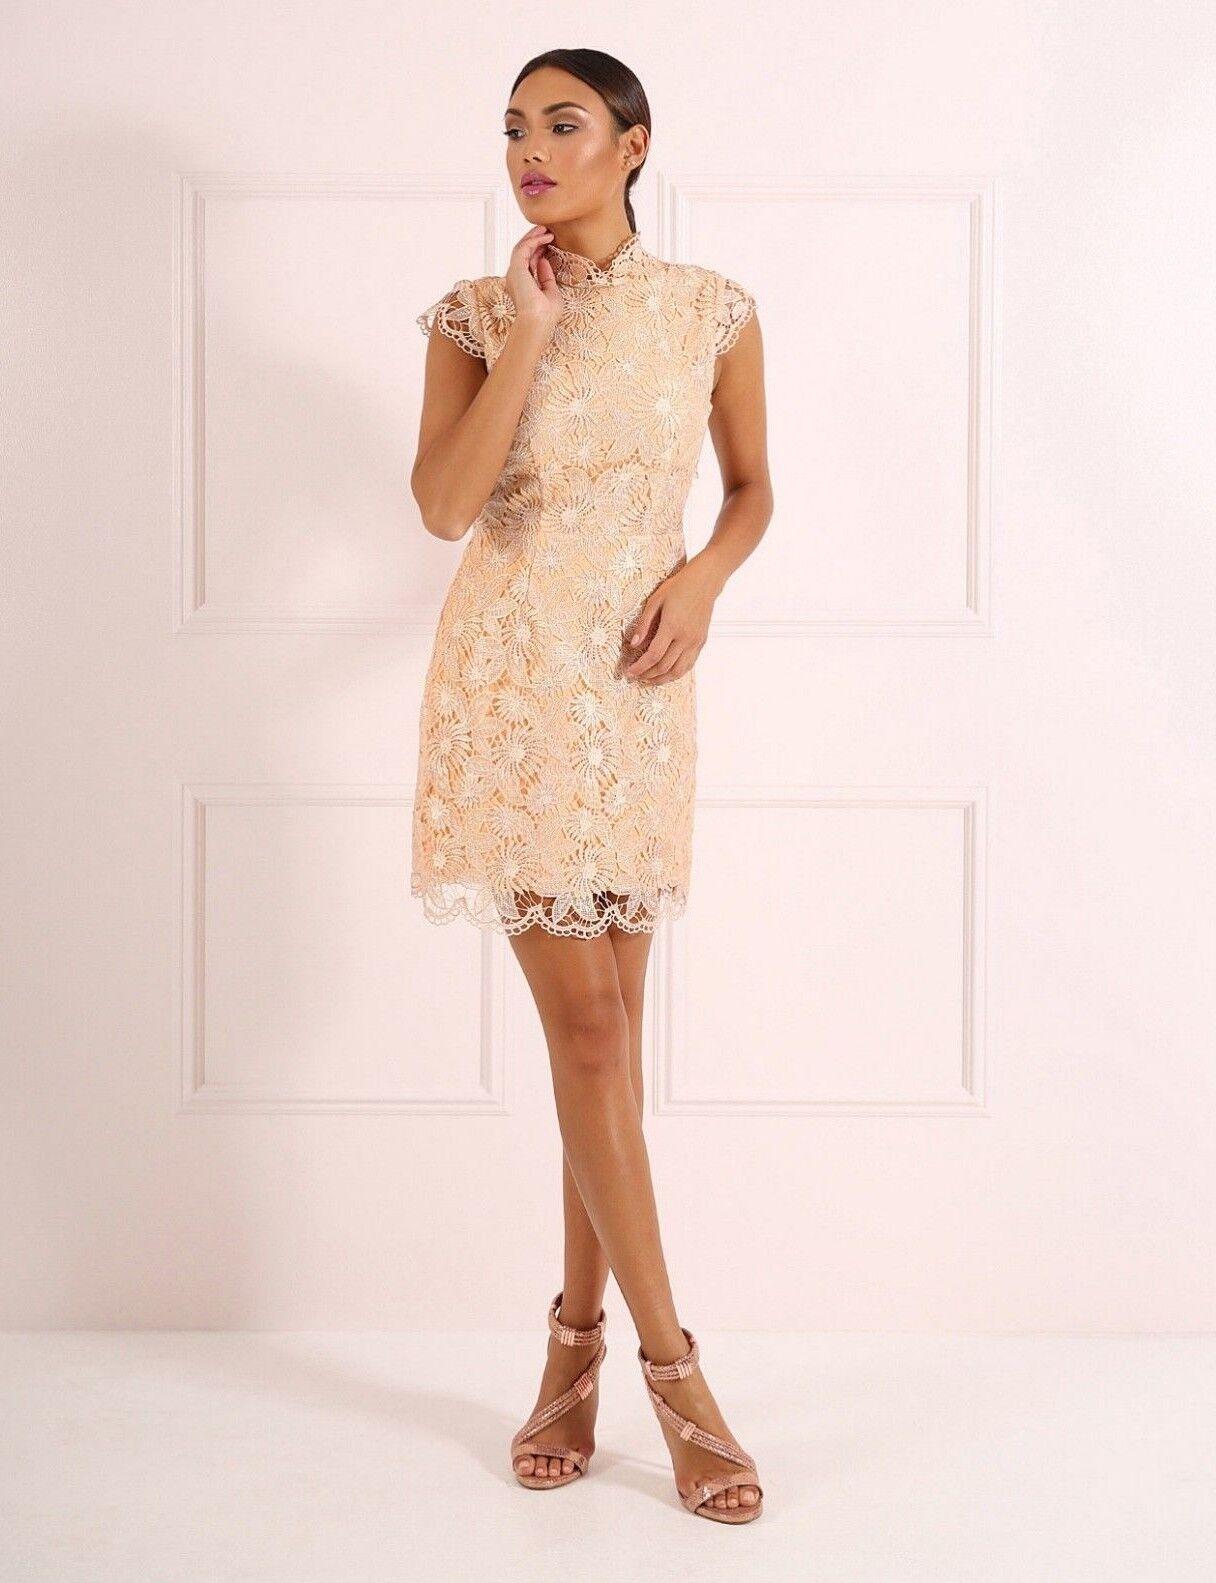 BNWT Forever Unique Goldie Lace Applique Cut Out Detail Shift Dress UK10 RP